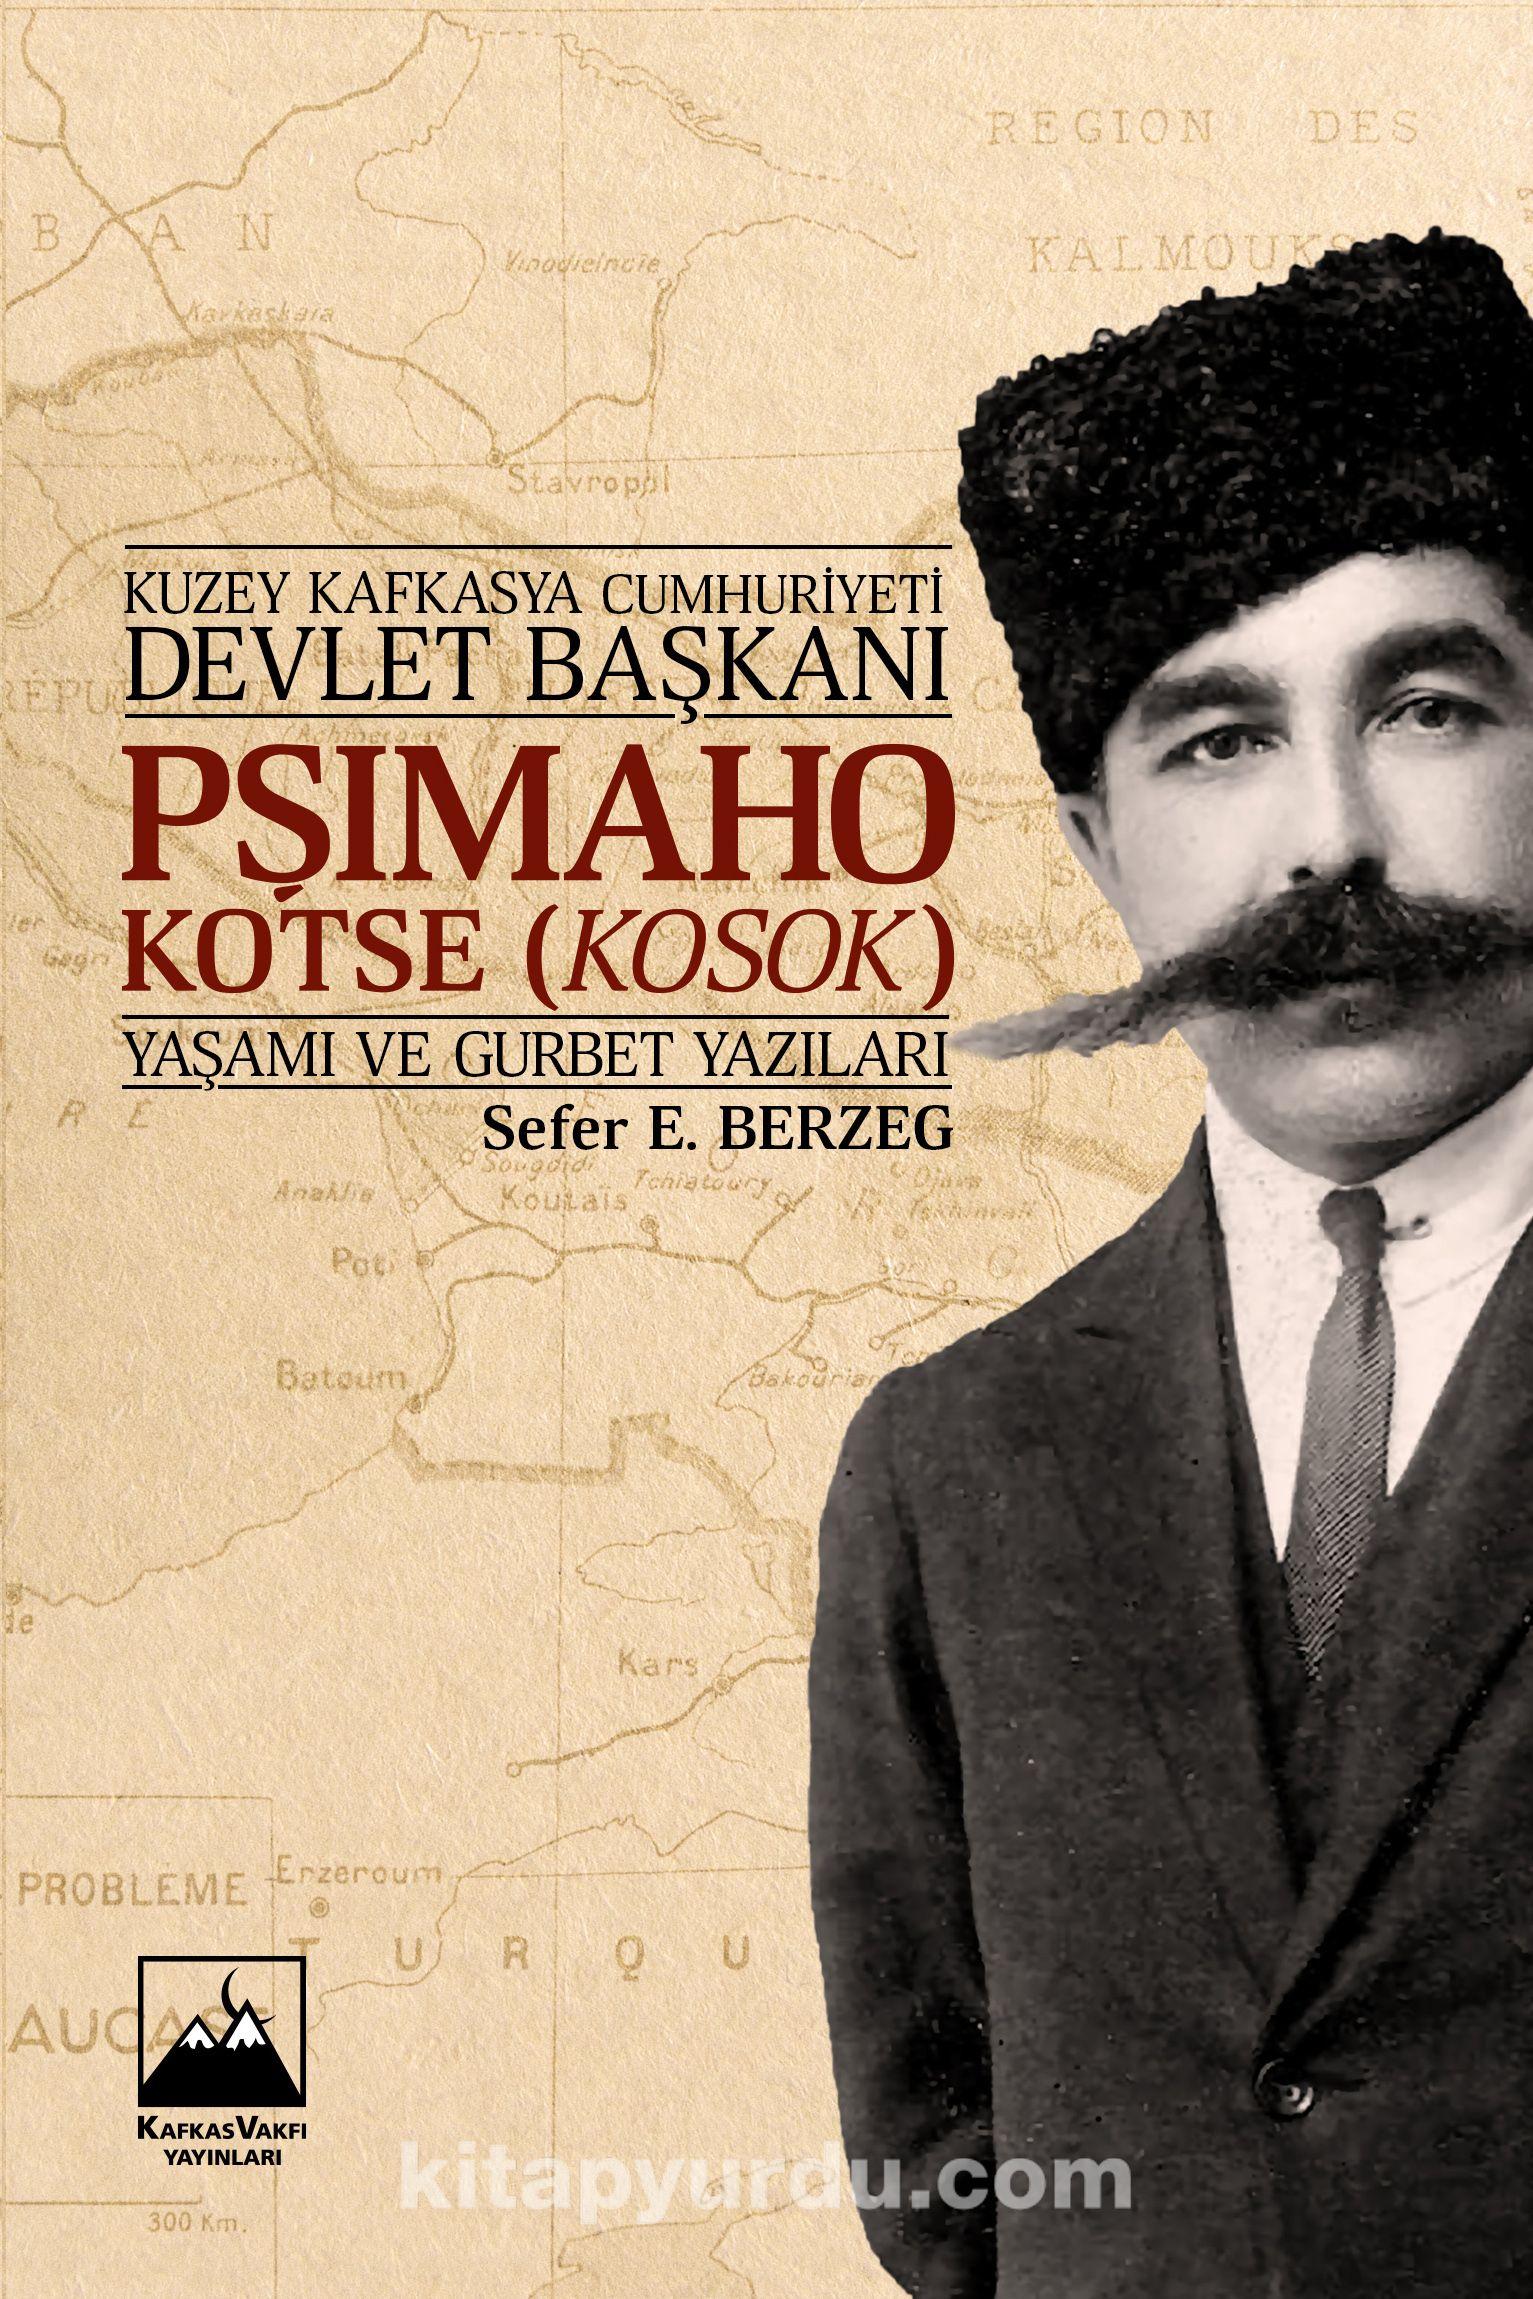 Kuzey Kafkasya Cumhuriyeti Devlet Başkanı Pşimaho Kotse (Kosok) Yaşamı ve Gurbet Yazıları - Sefer E. Berzeg pdf epub